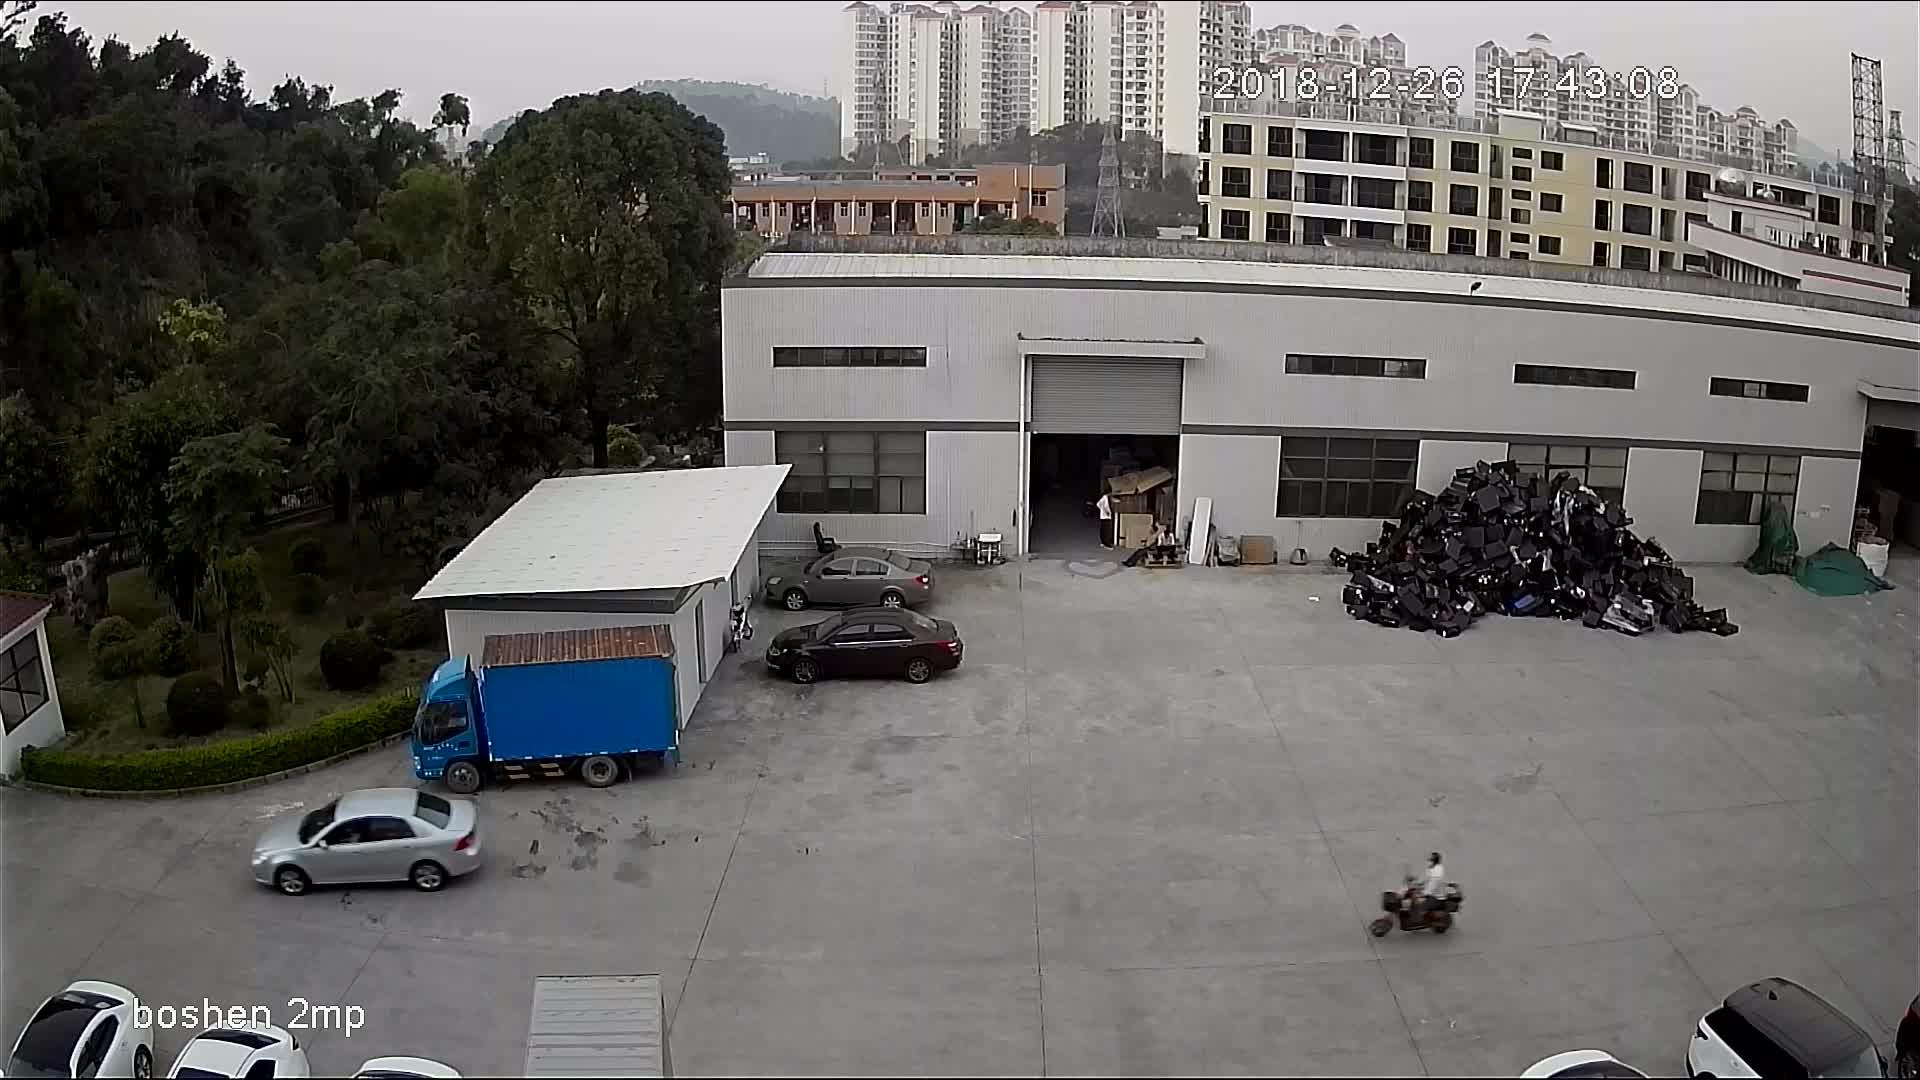 Extérieur en métal caméra cctv 1080P CCTV Caméra avec DVR 4 CANAUX Vidéo HD Système DE Caméra DE VIDÉOSURVEILLANCE de Sécurité